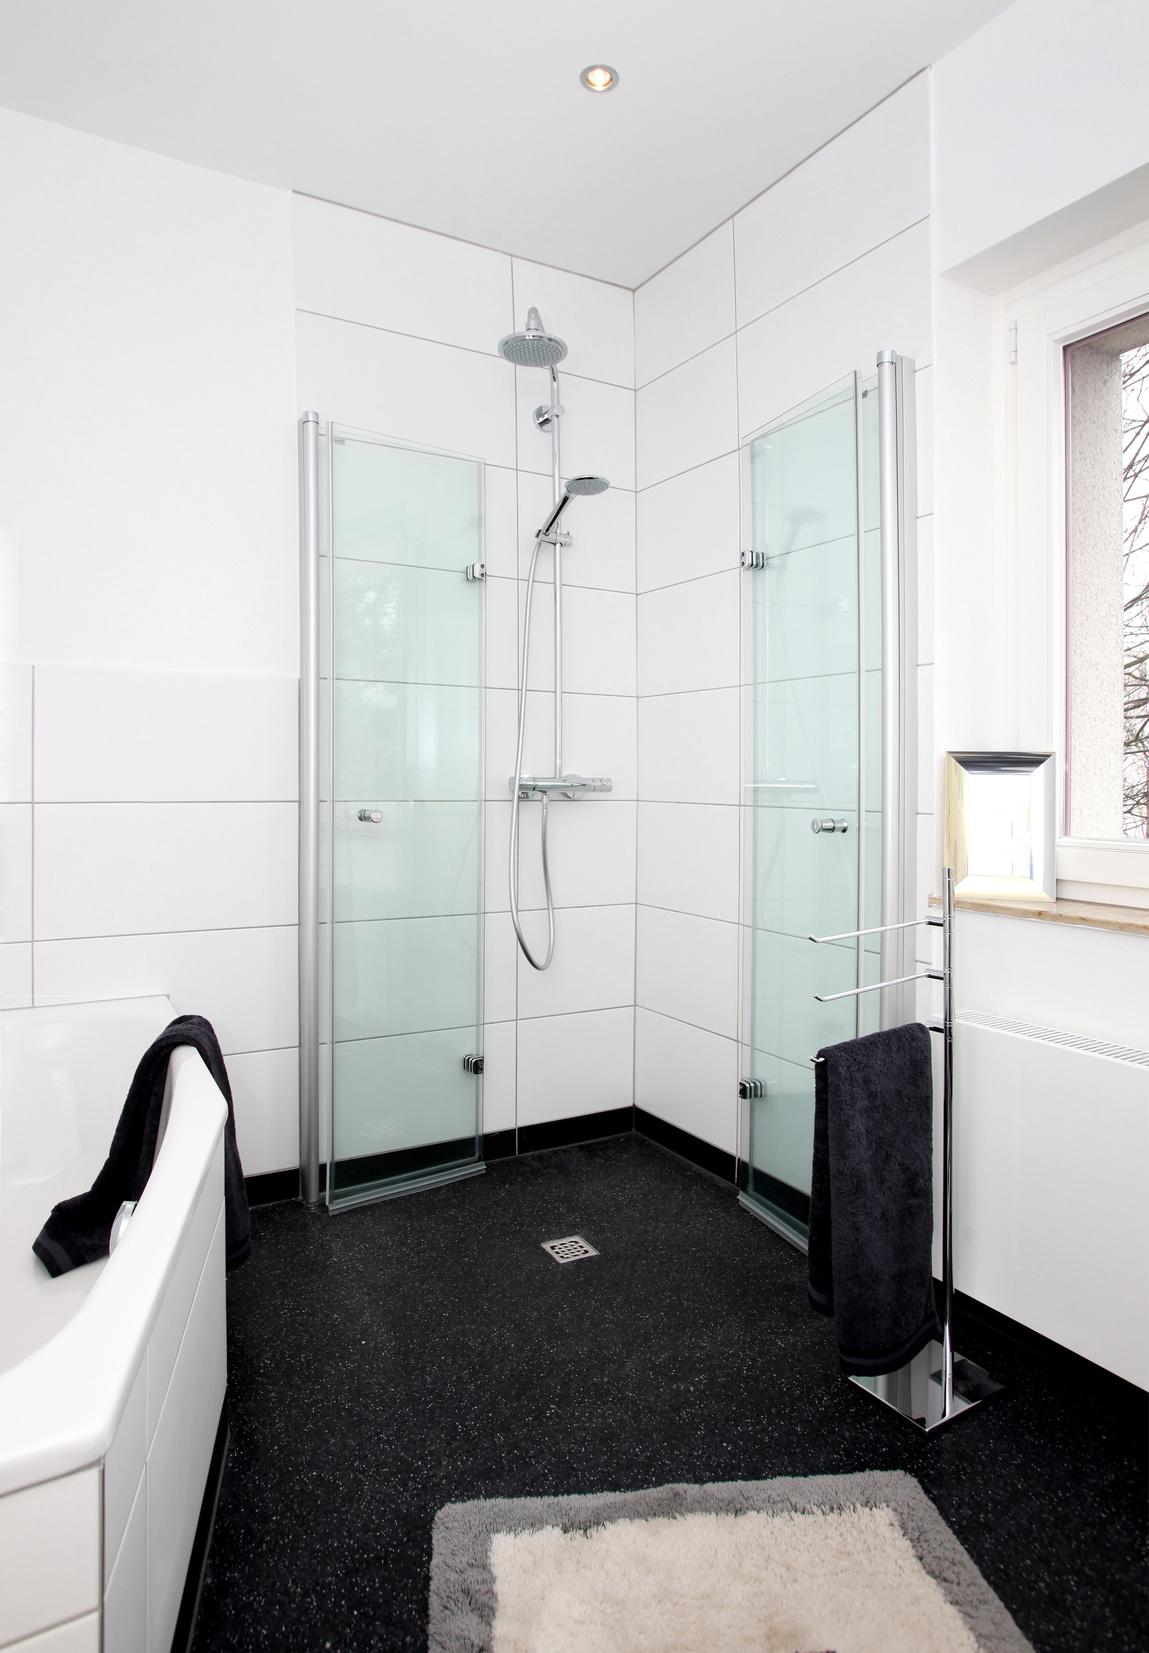 barrierefreie b der f r alle generationen planung und einrichtung koch marco gas wasser heizung. Black Bedroom Furniture Sets. Home Design Ideas